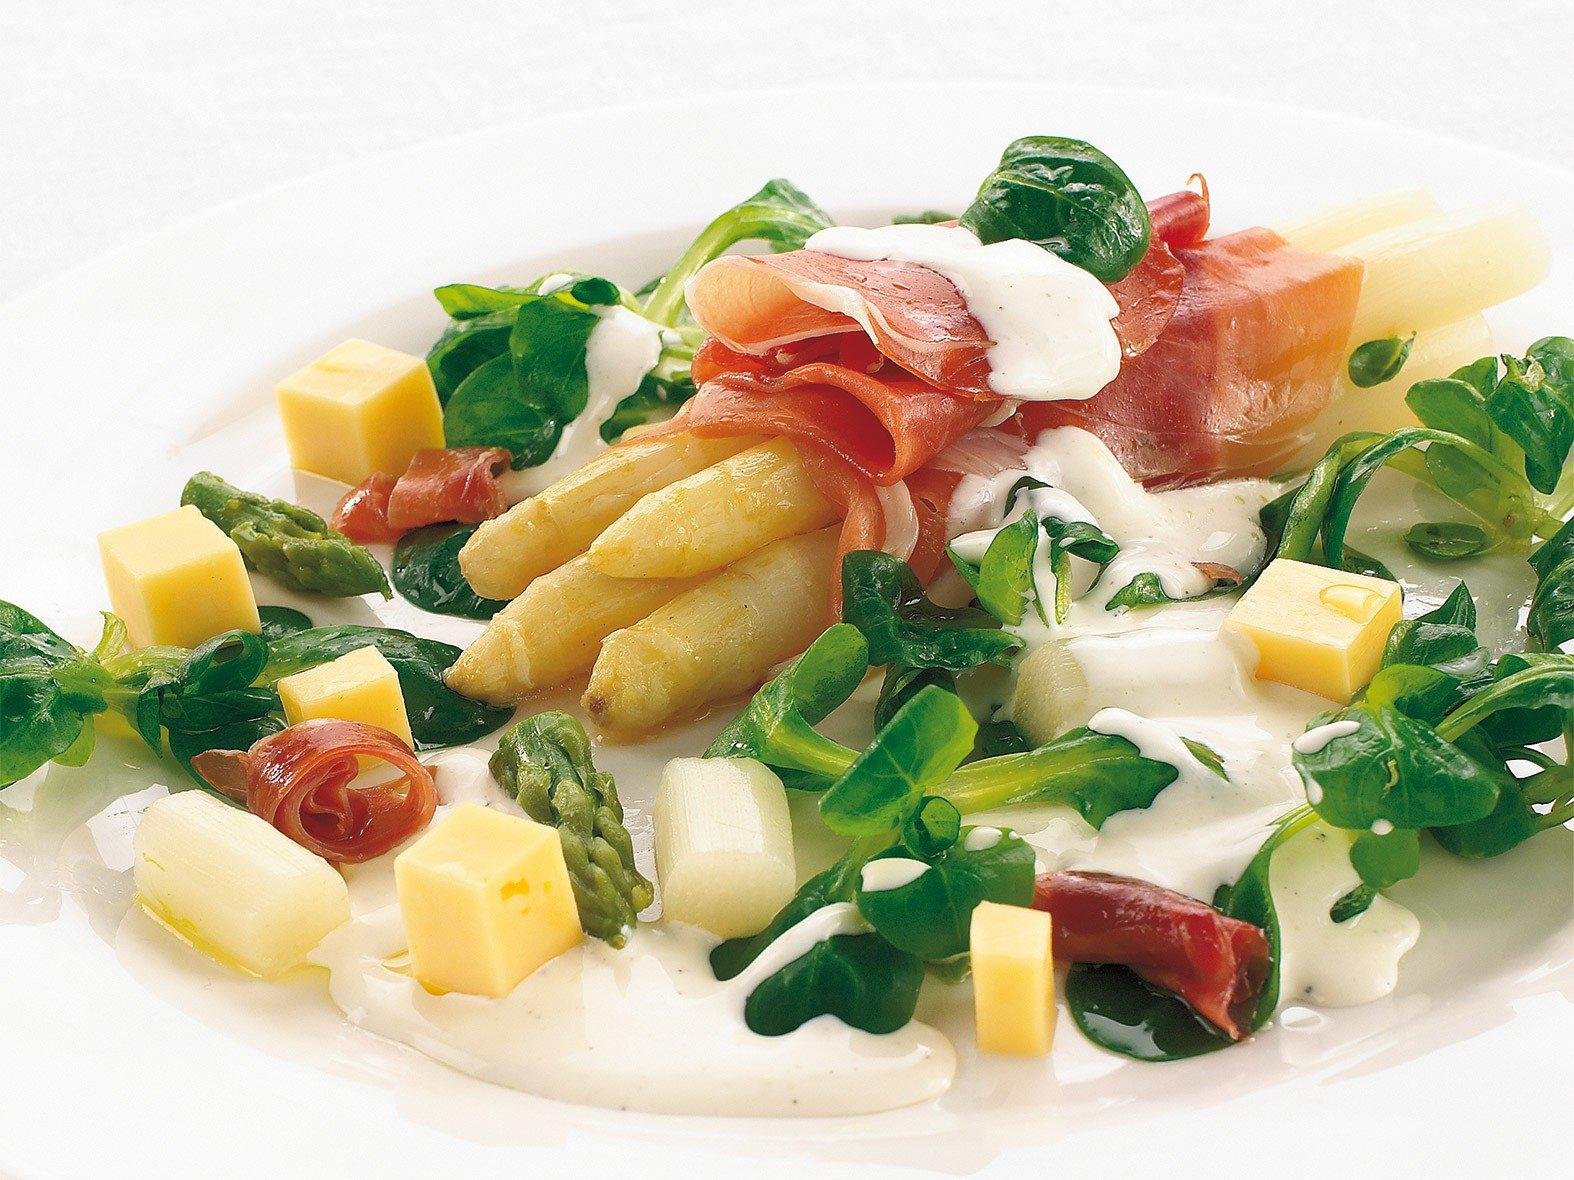 Salade d'asperges et de jambon cru, dressing crémeux au citron